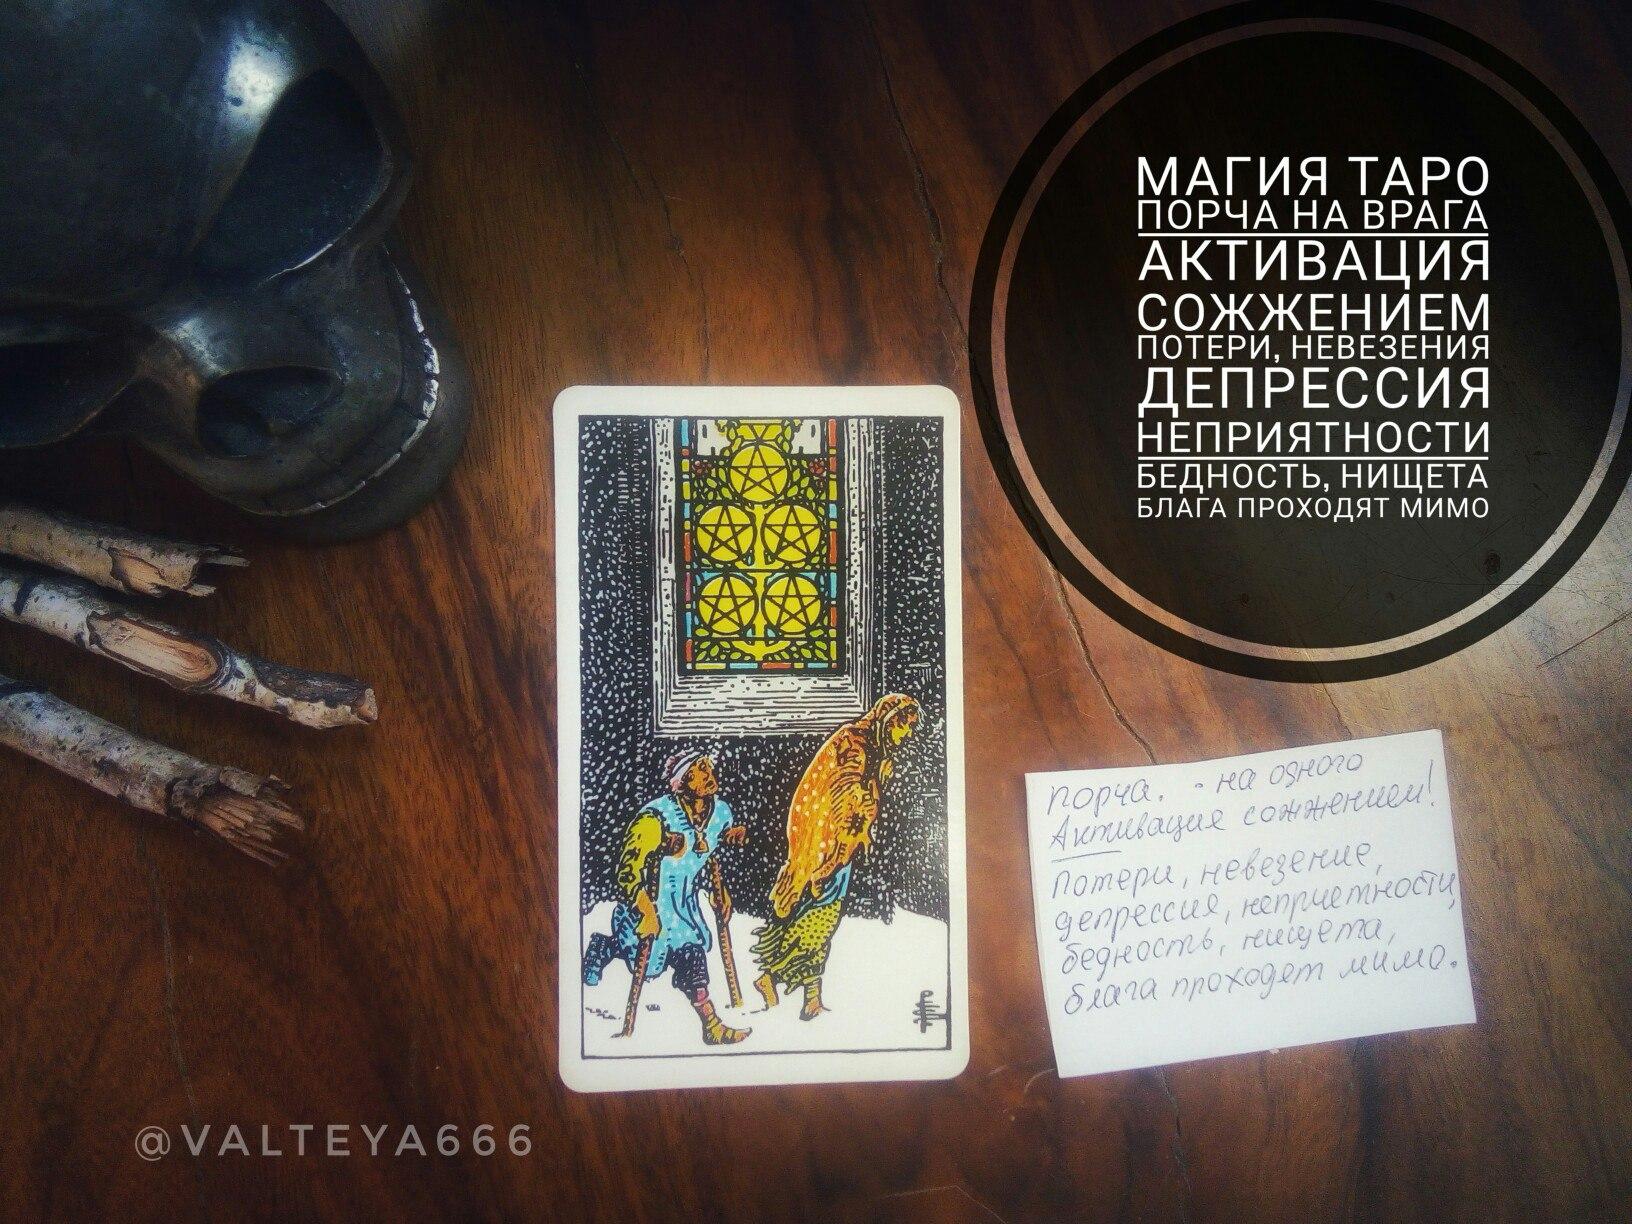 Хештег таро на   Салон Магии и мистики Елены Руденко ( Валтеи ). Киев ,тел: 0506251562  3xcHpqtJBGE